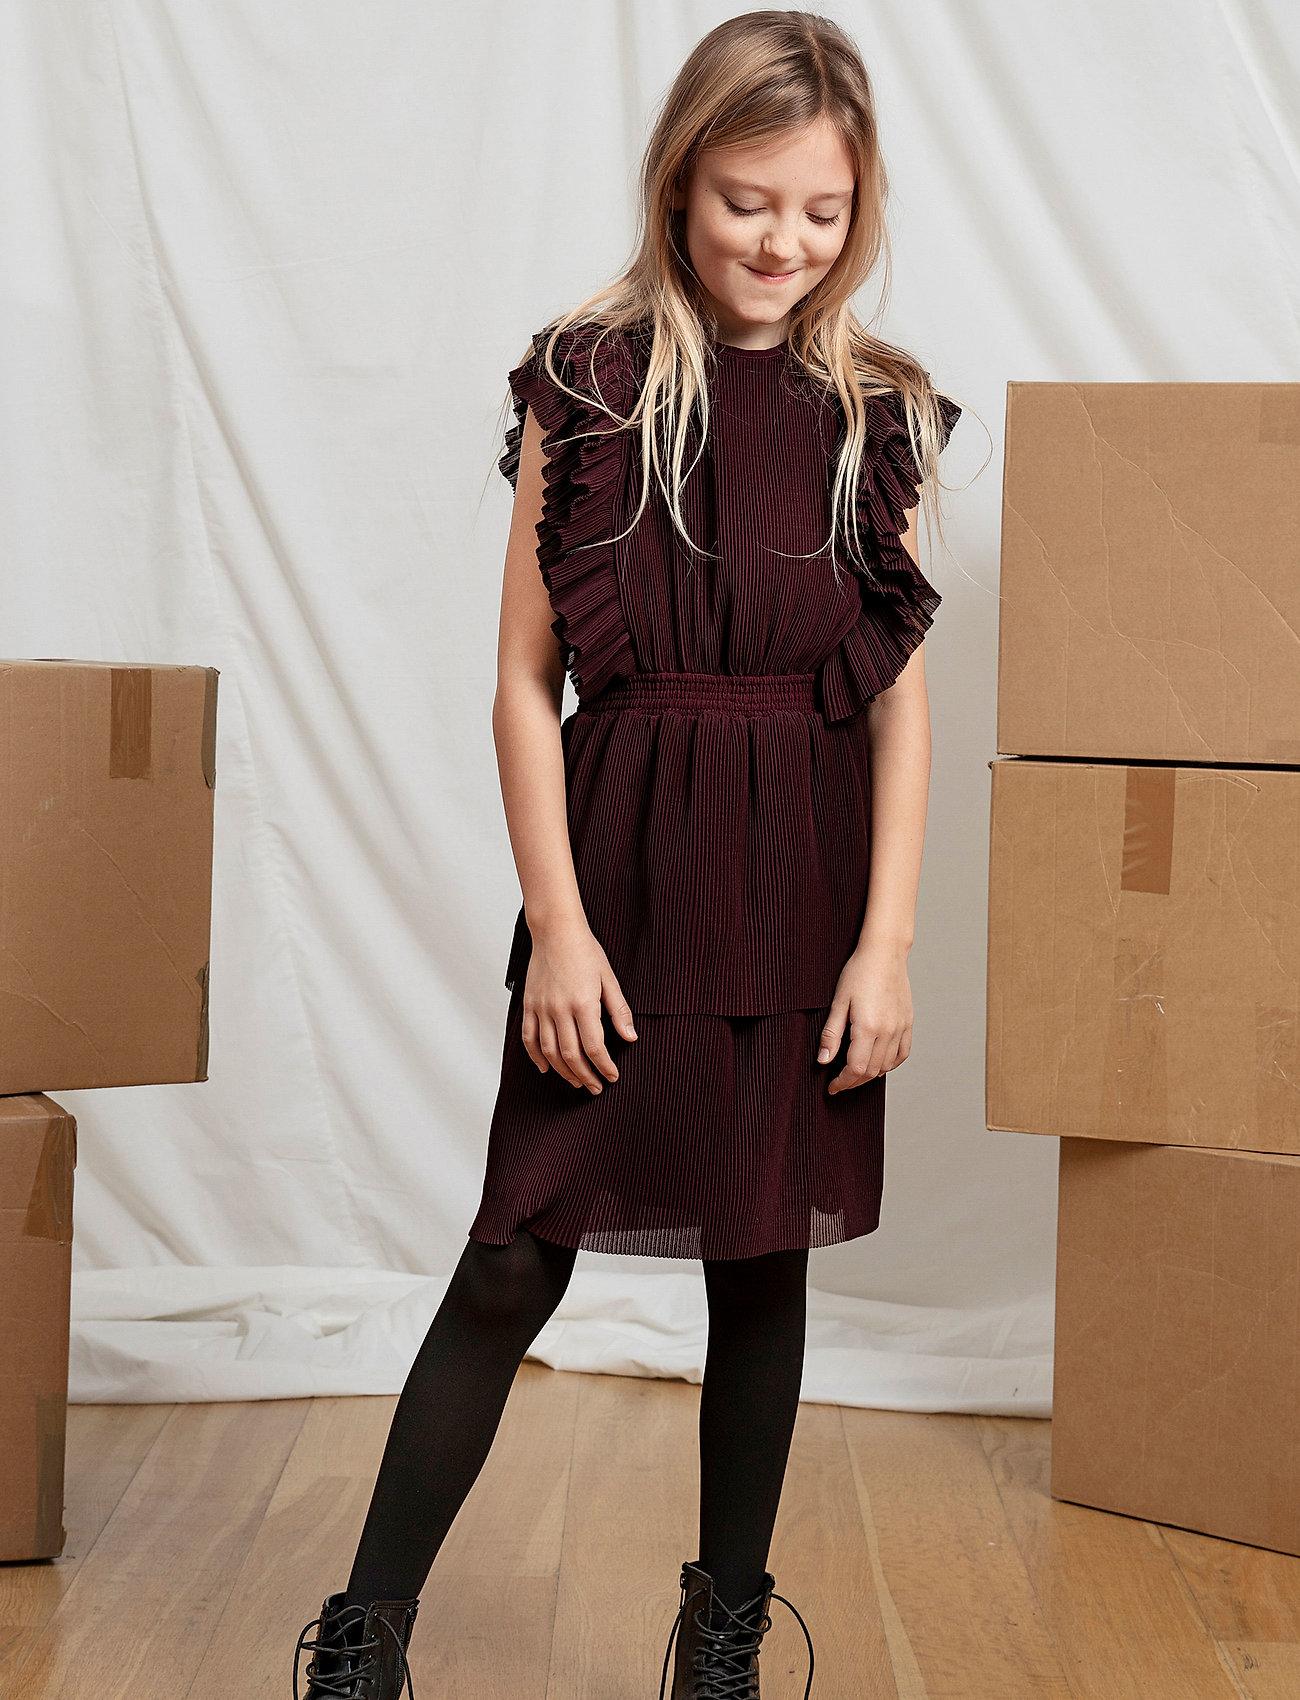 Designers Remix Girls - LR Kennedy Dress - mekot - rouge noir